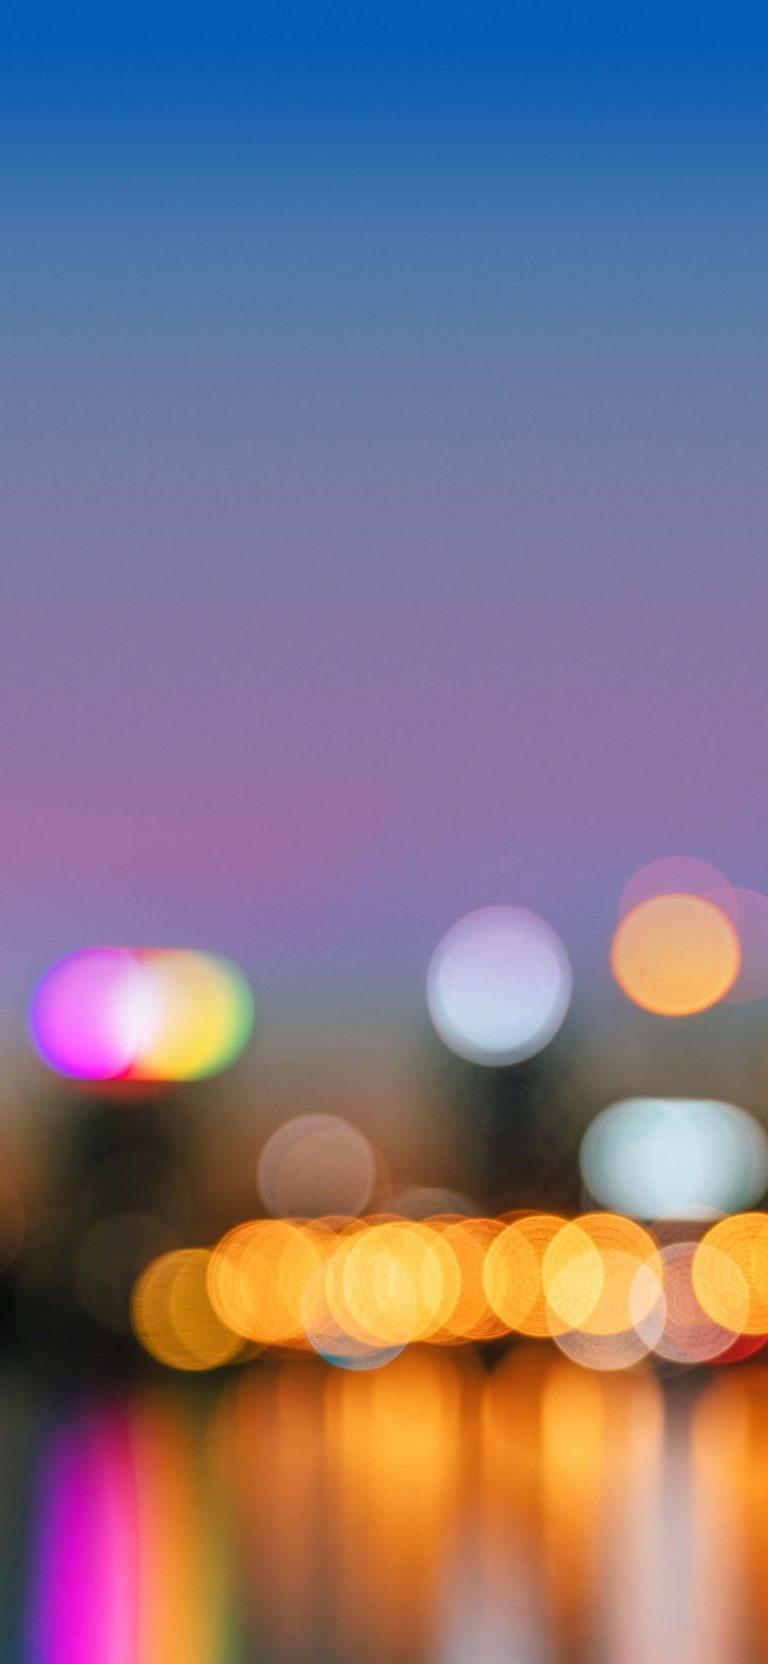 LG G8 ThinQ Stock Wallpaper 17 1440x3120 768x1664